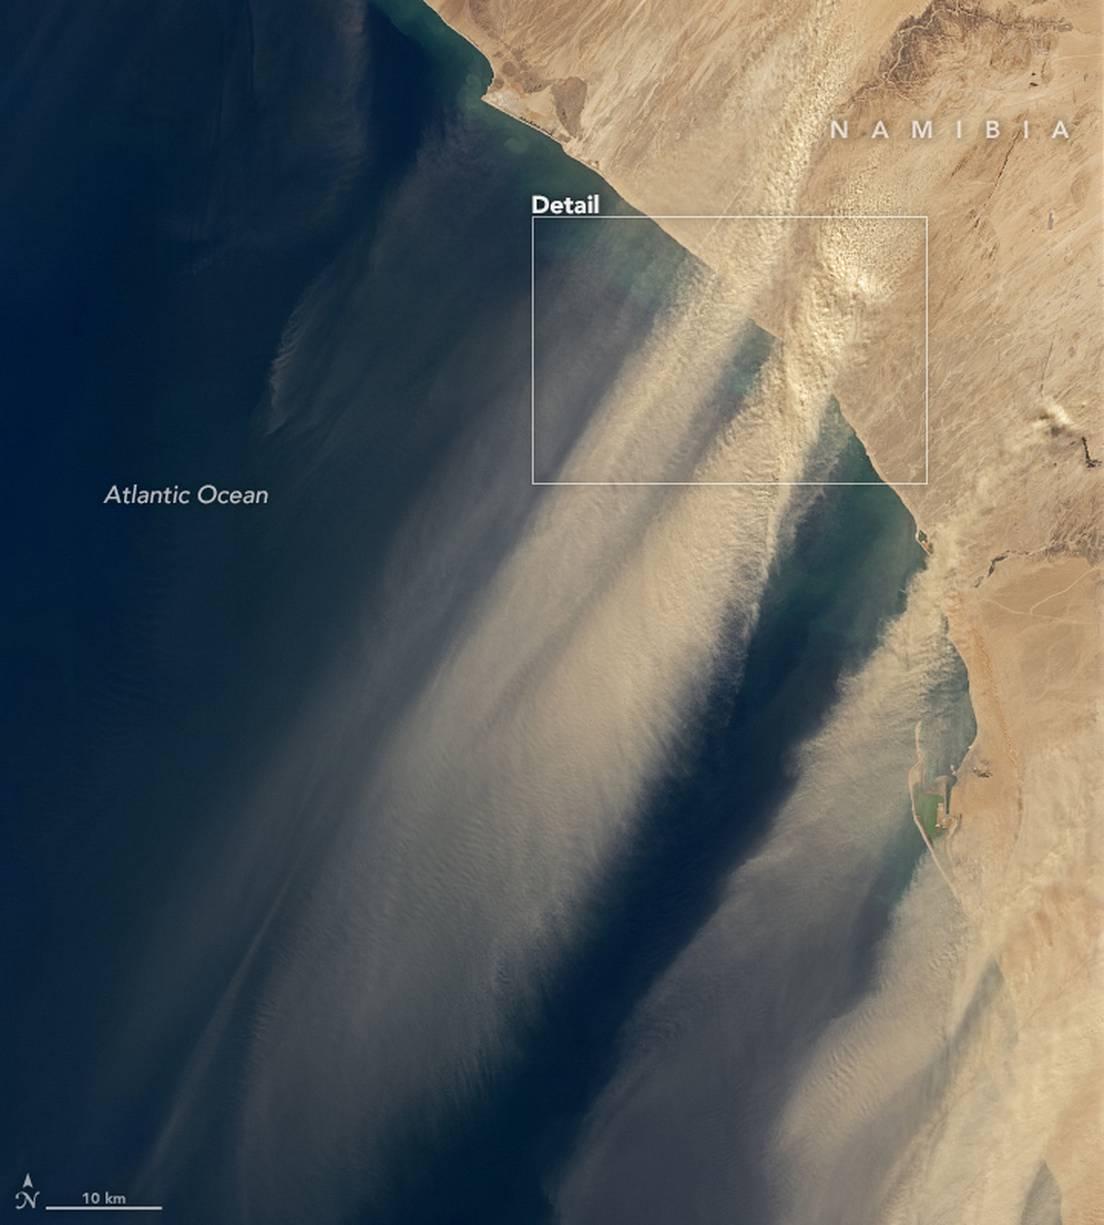 Vientos de Berg llevan arena sobre el Océano Atlántico.